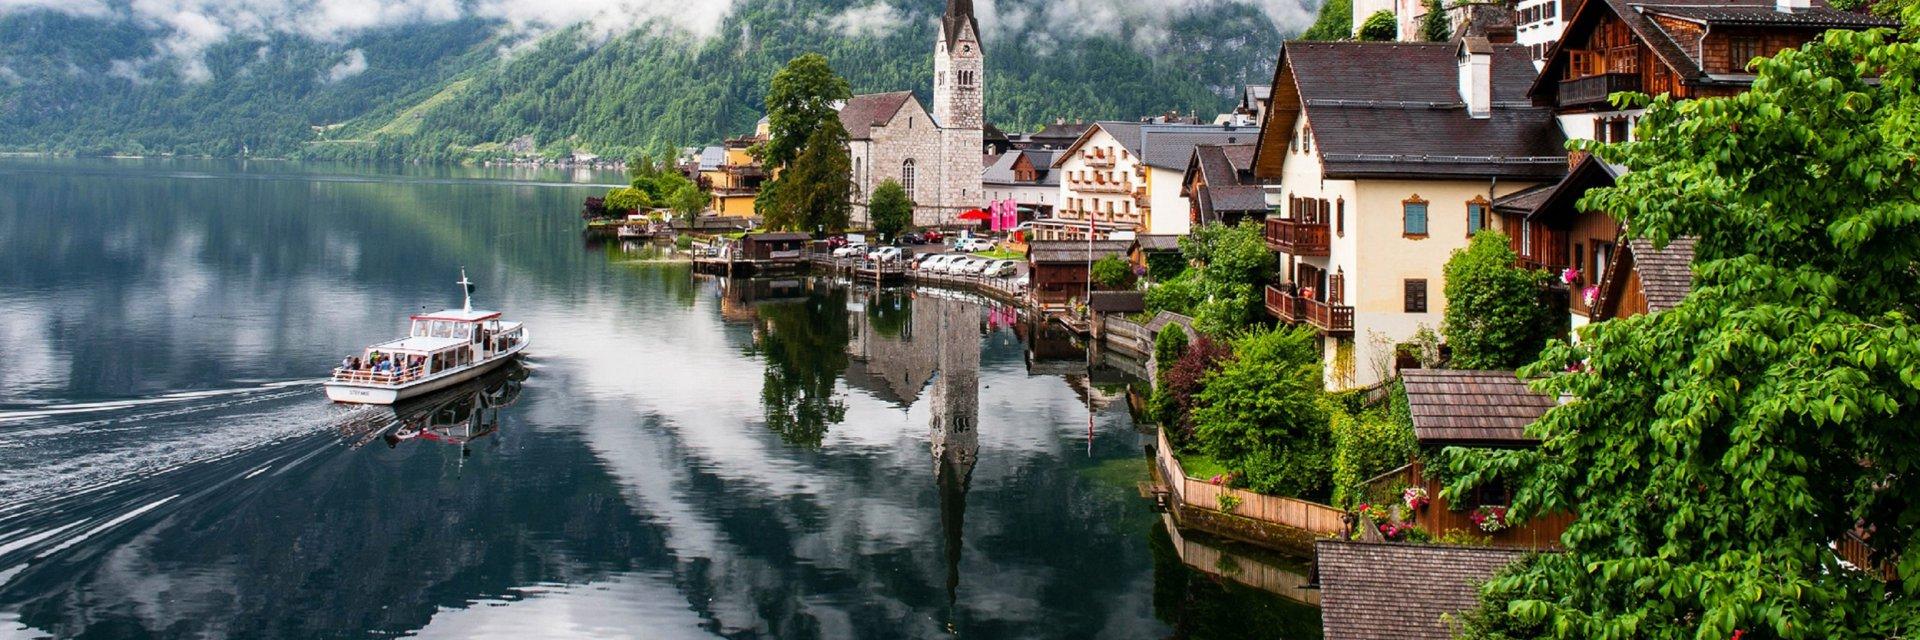 Alpina Appartement Apts (Бад Хофгаштайн, Австрия) - цены, отзывы, фото, бронирование - ПАКС